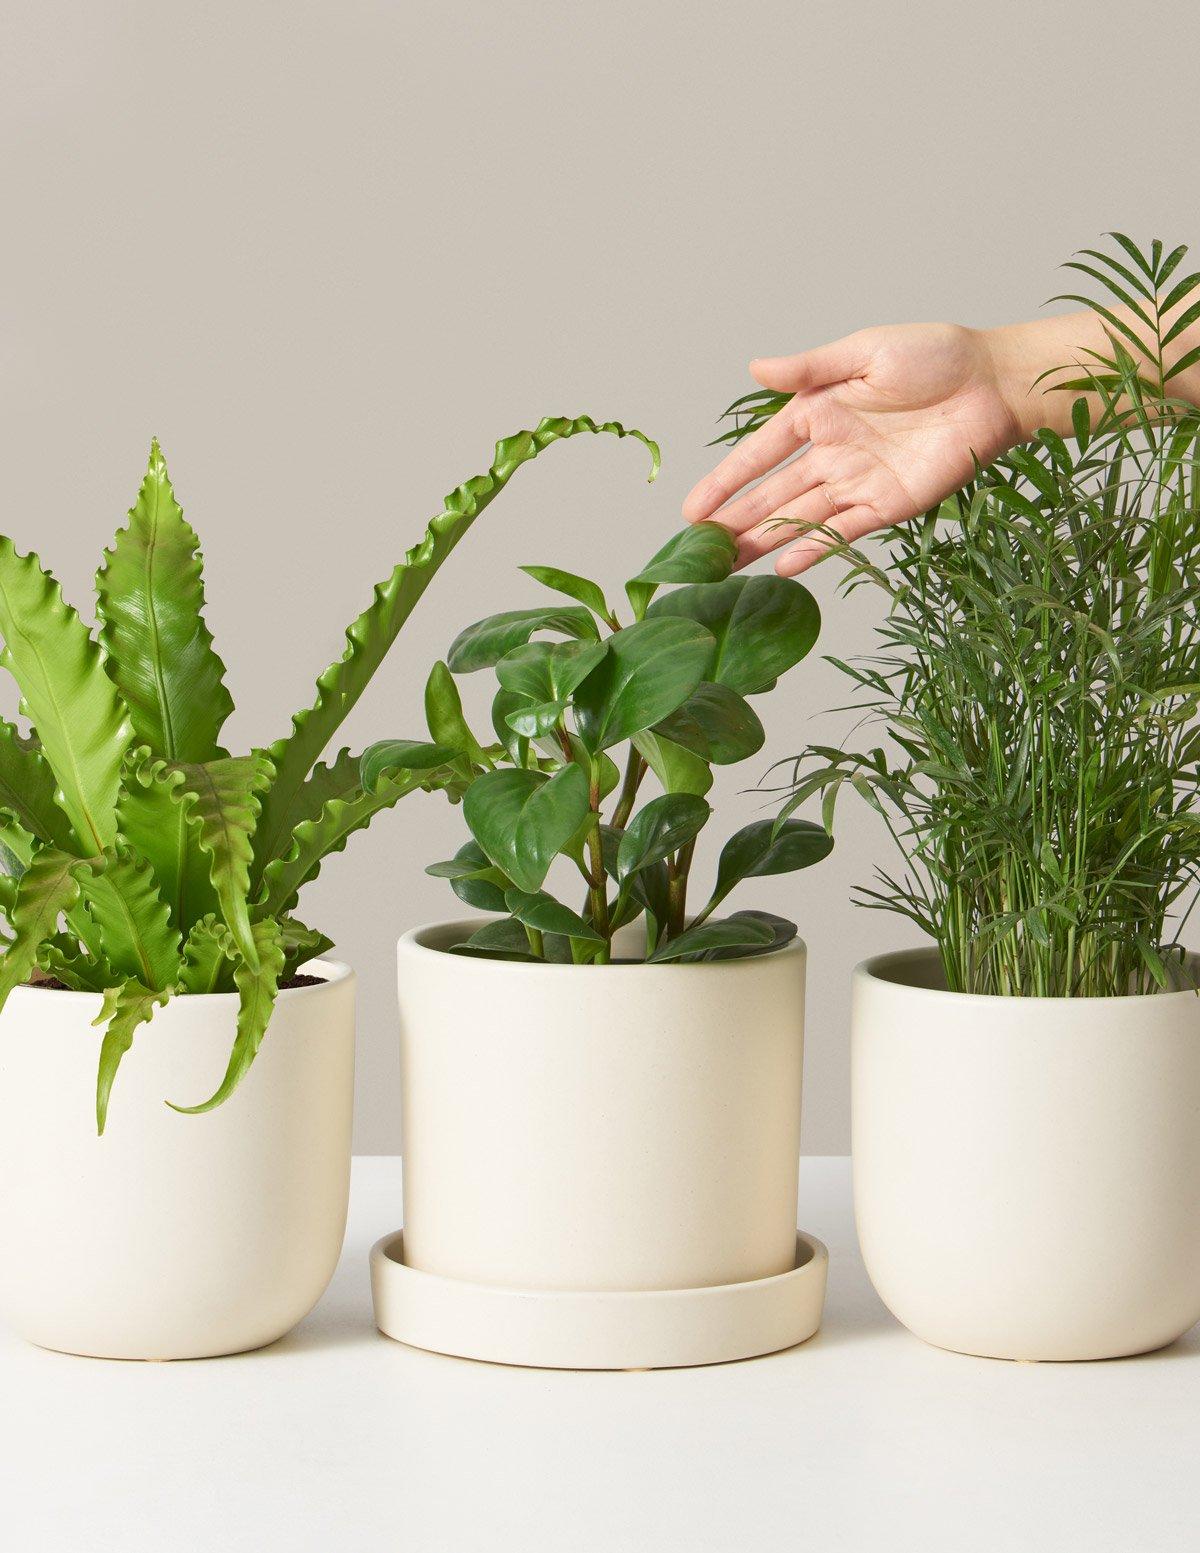 Pet Friendly Plant Subscription